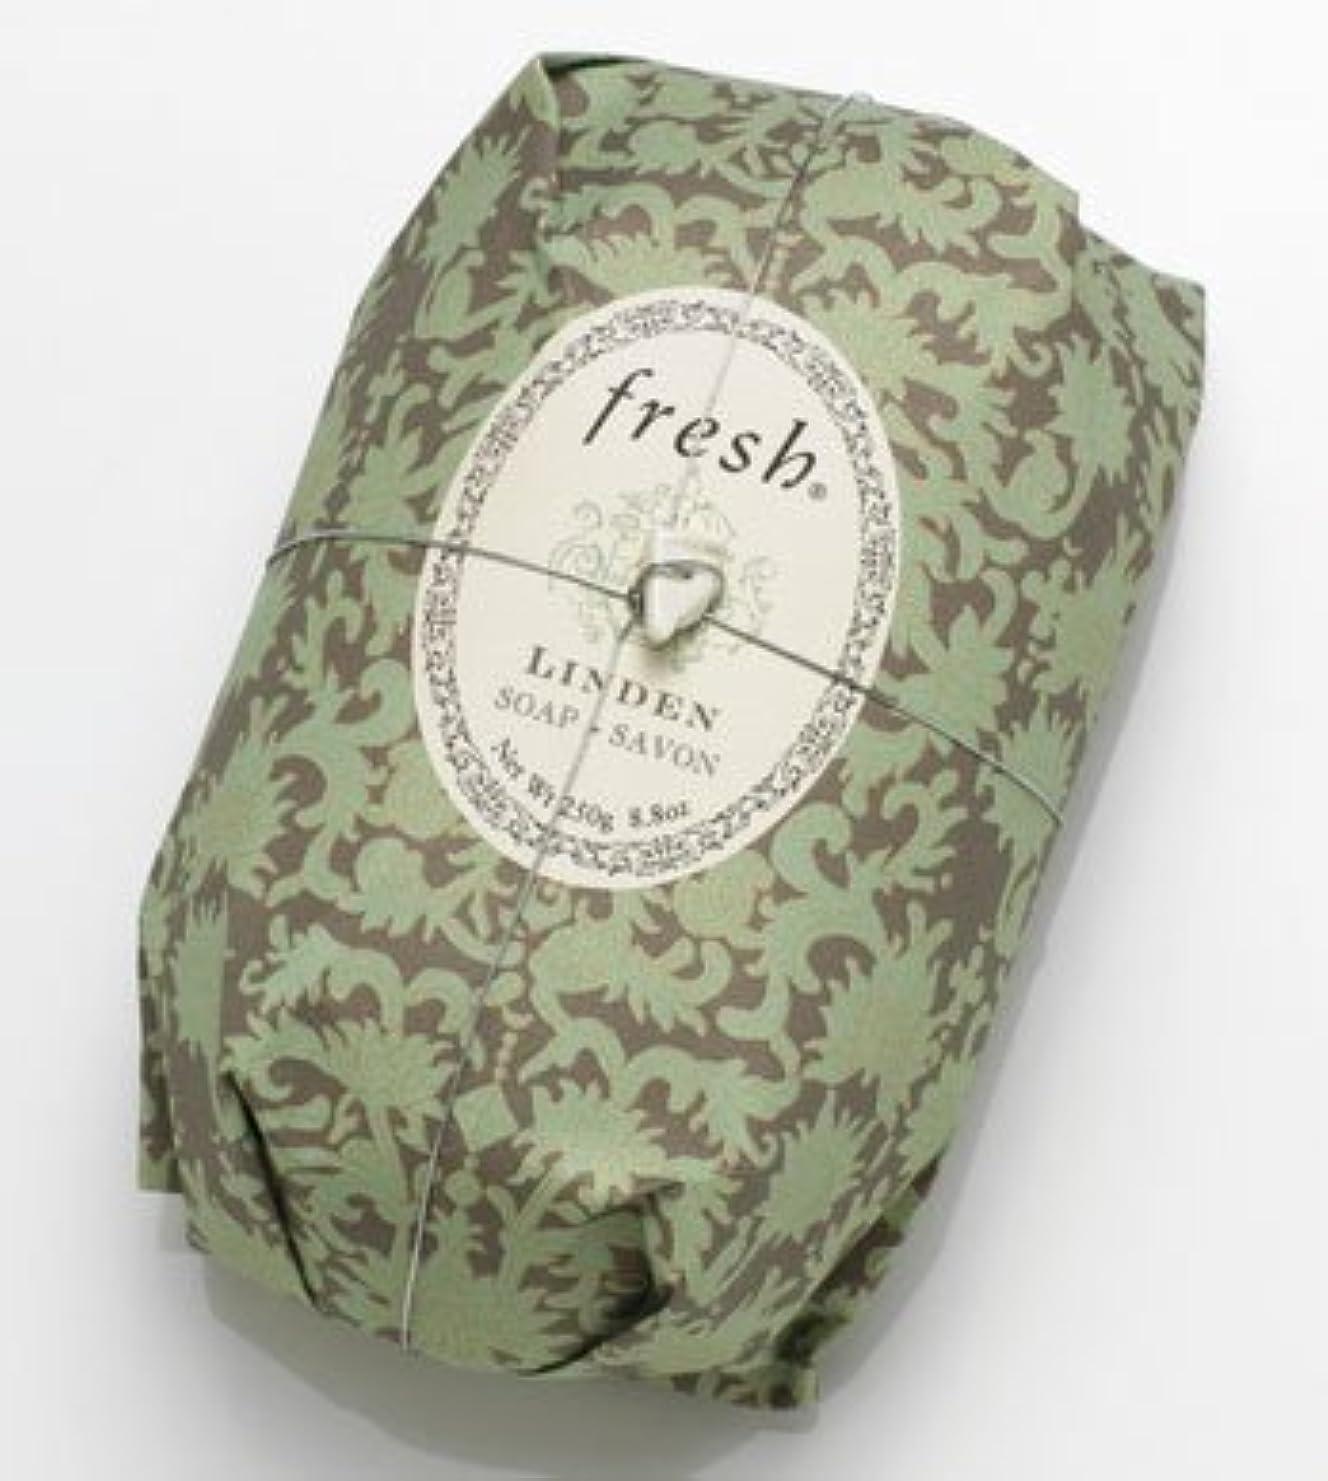 実現可能性有利スイッチFresh LINDEN SOAP (フレッシュ リンデン ソープ) 8.8 oz (250g) Soap (石鹸) by Fresh